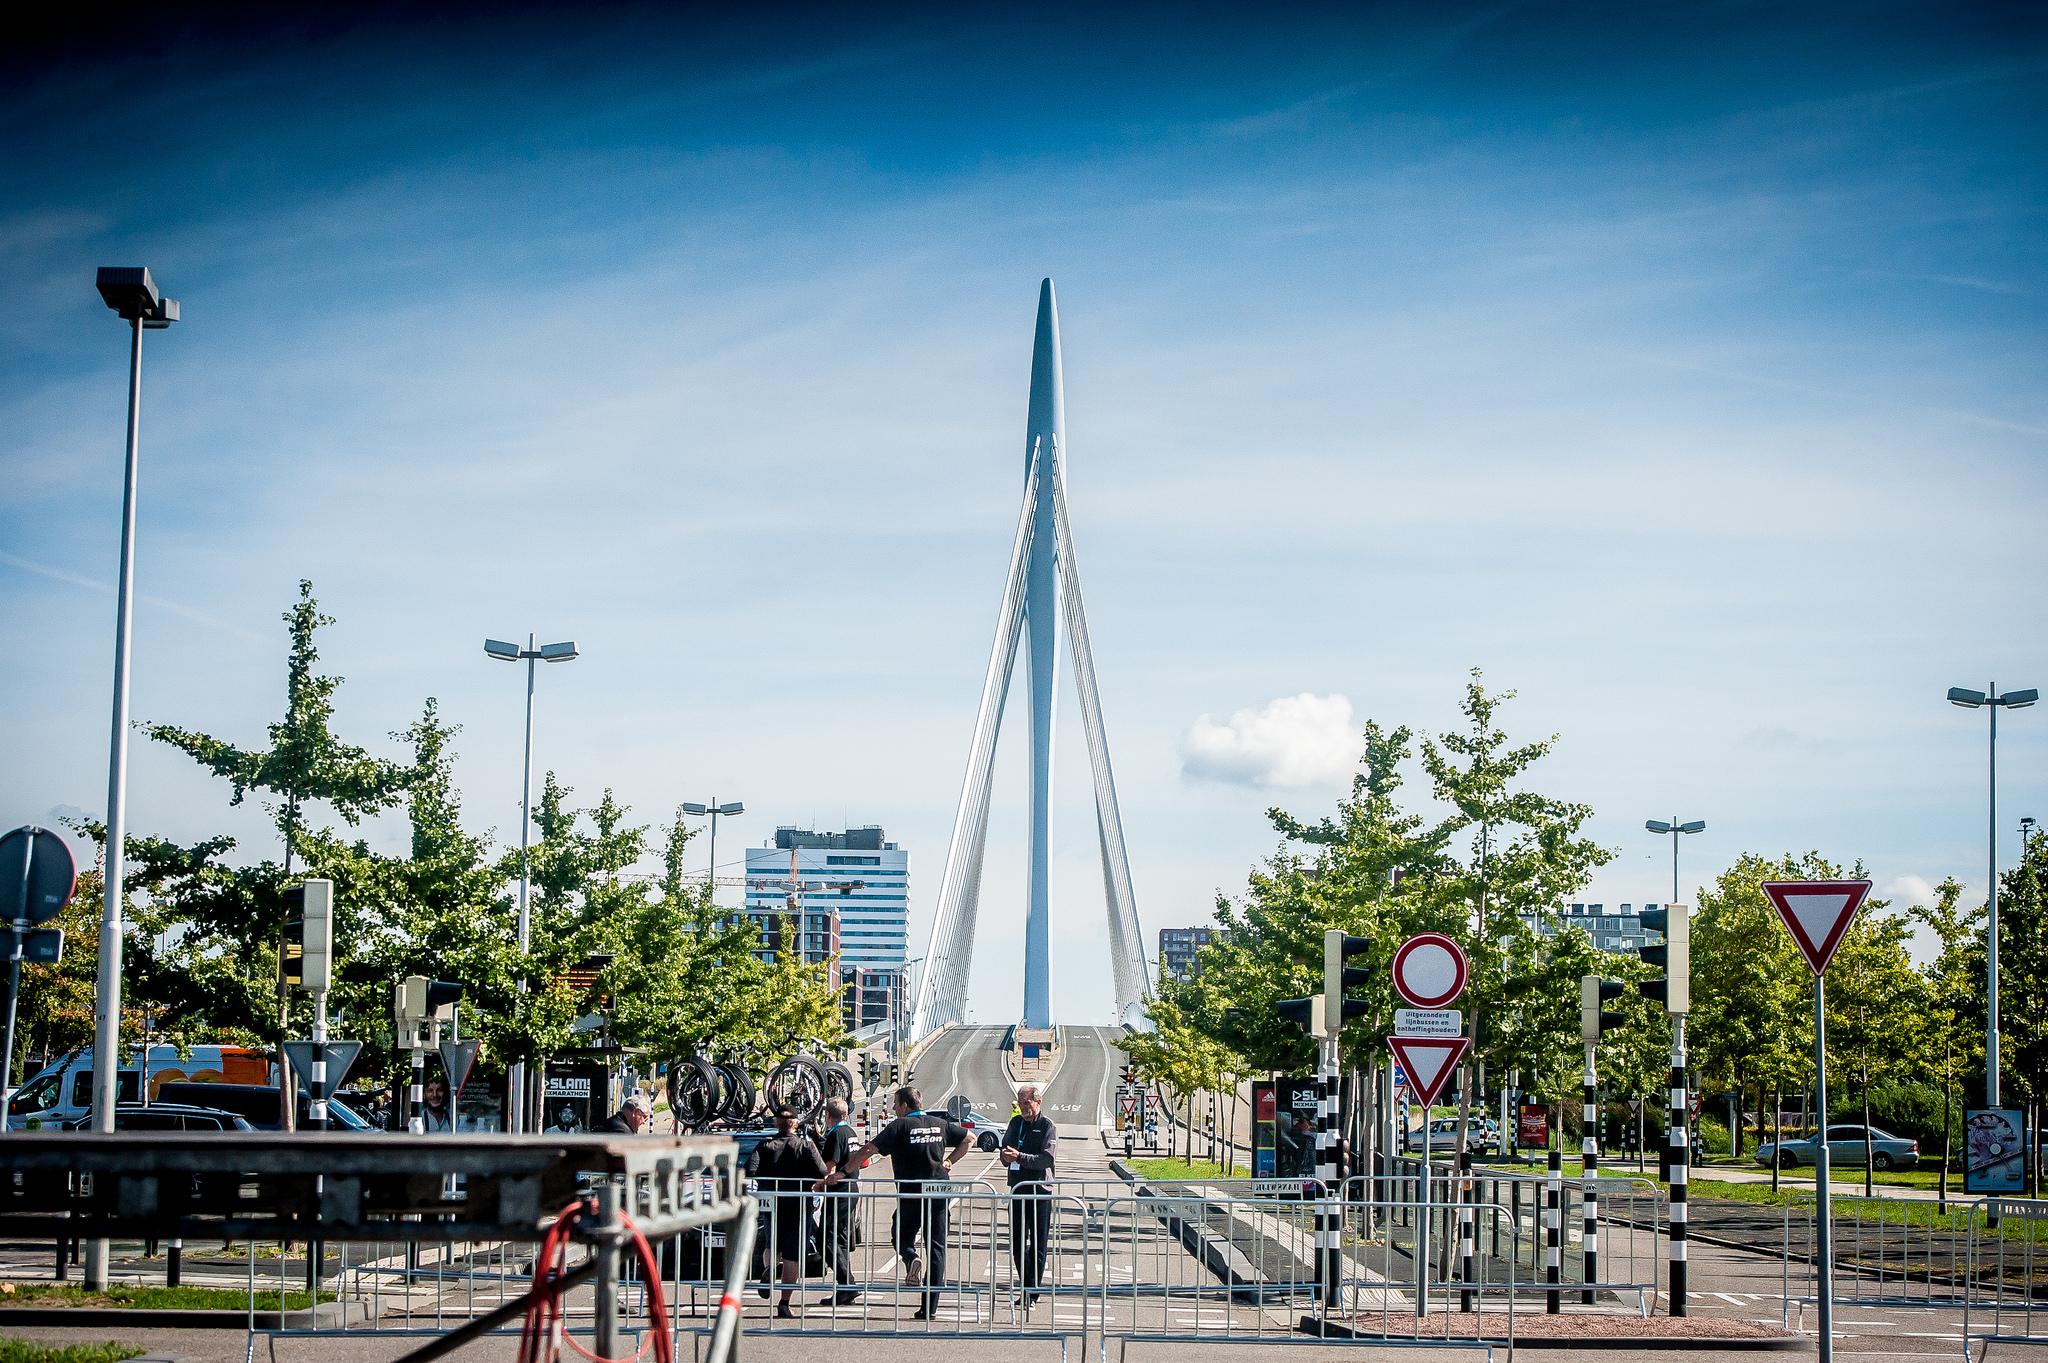 FOTO | Bekijk hier een aantal prachtige foto's van de Ronde van Midden Nederland